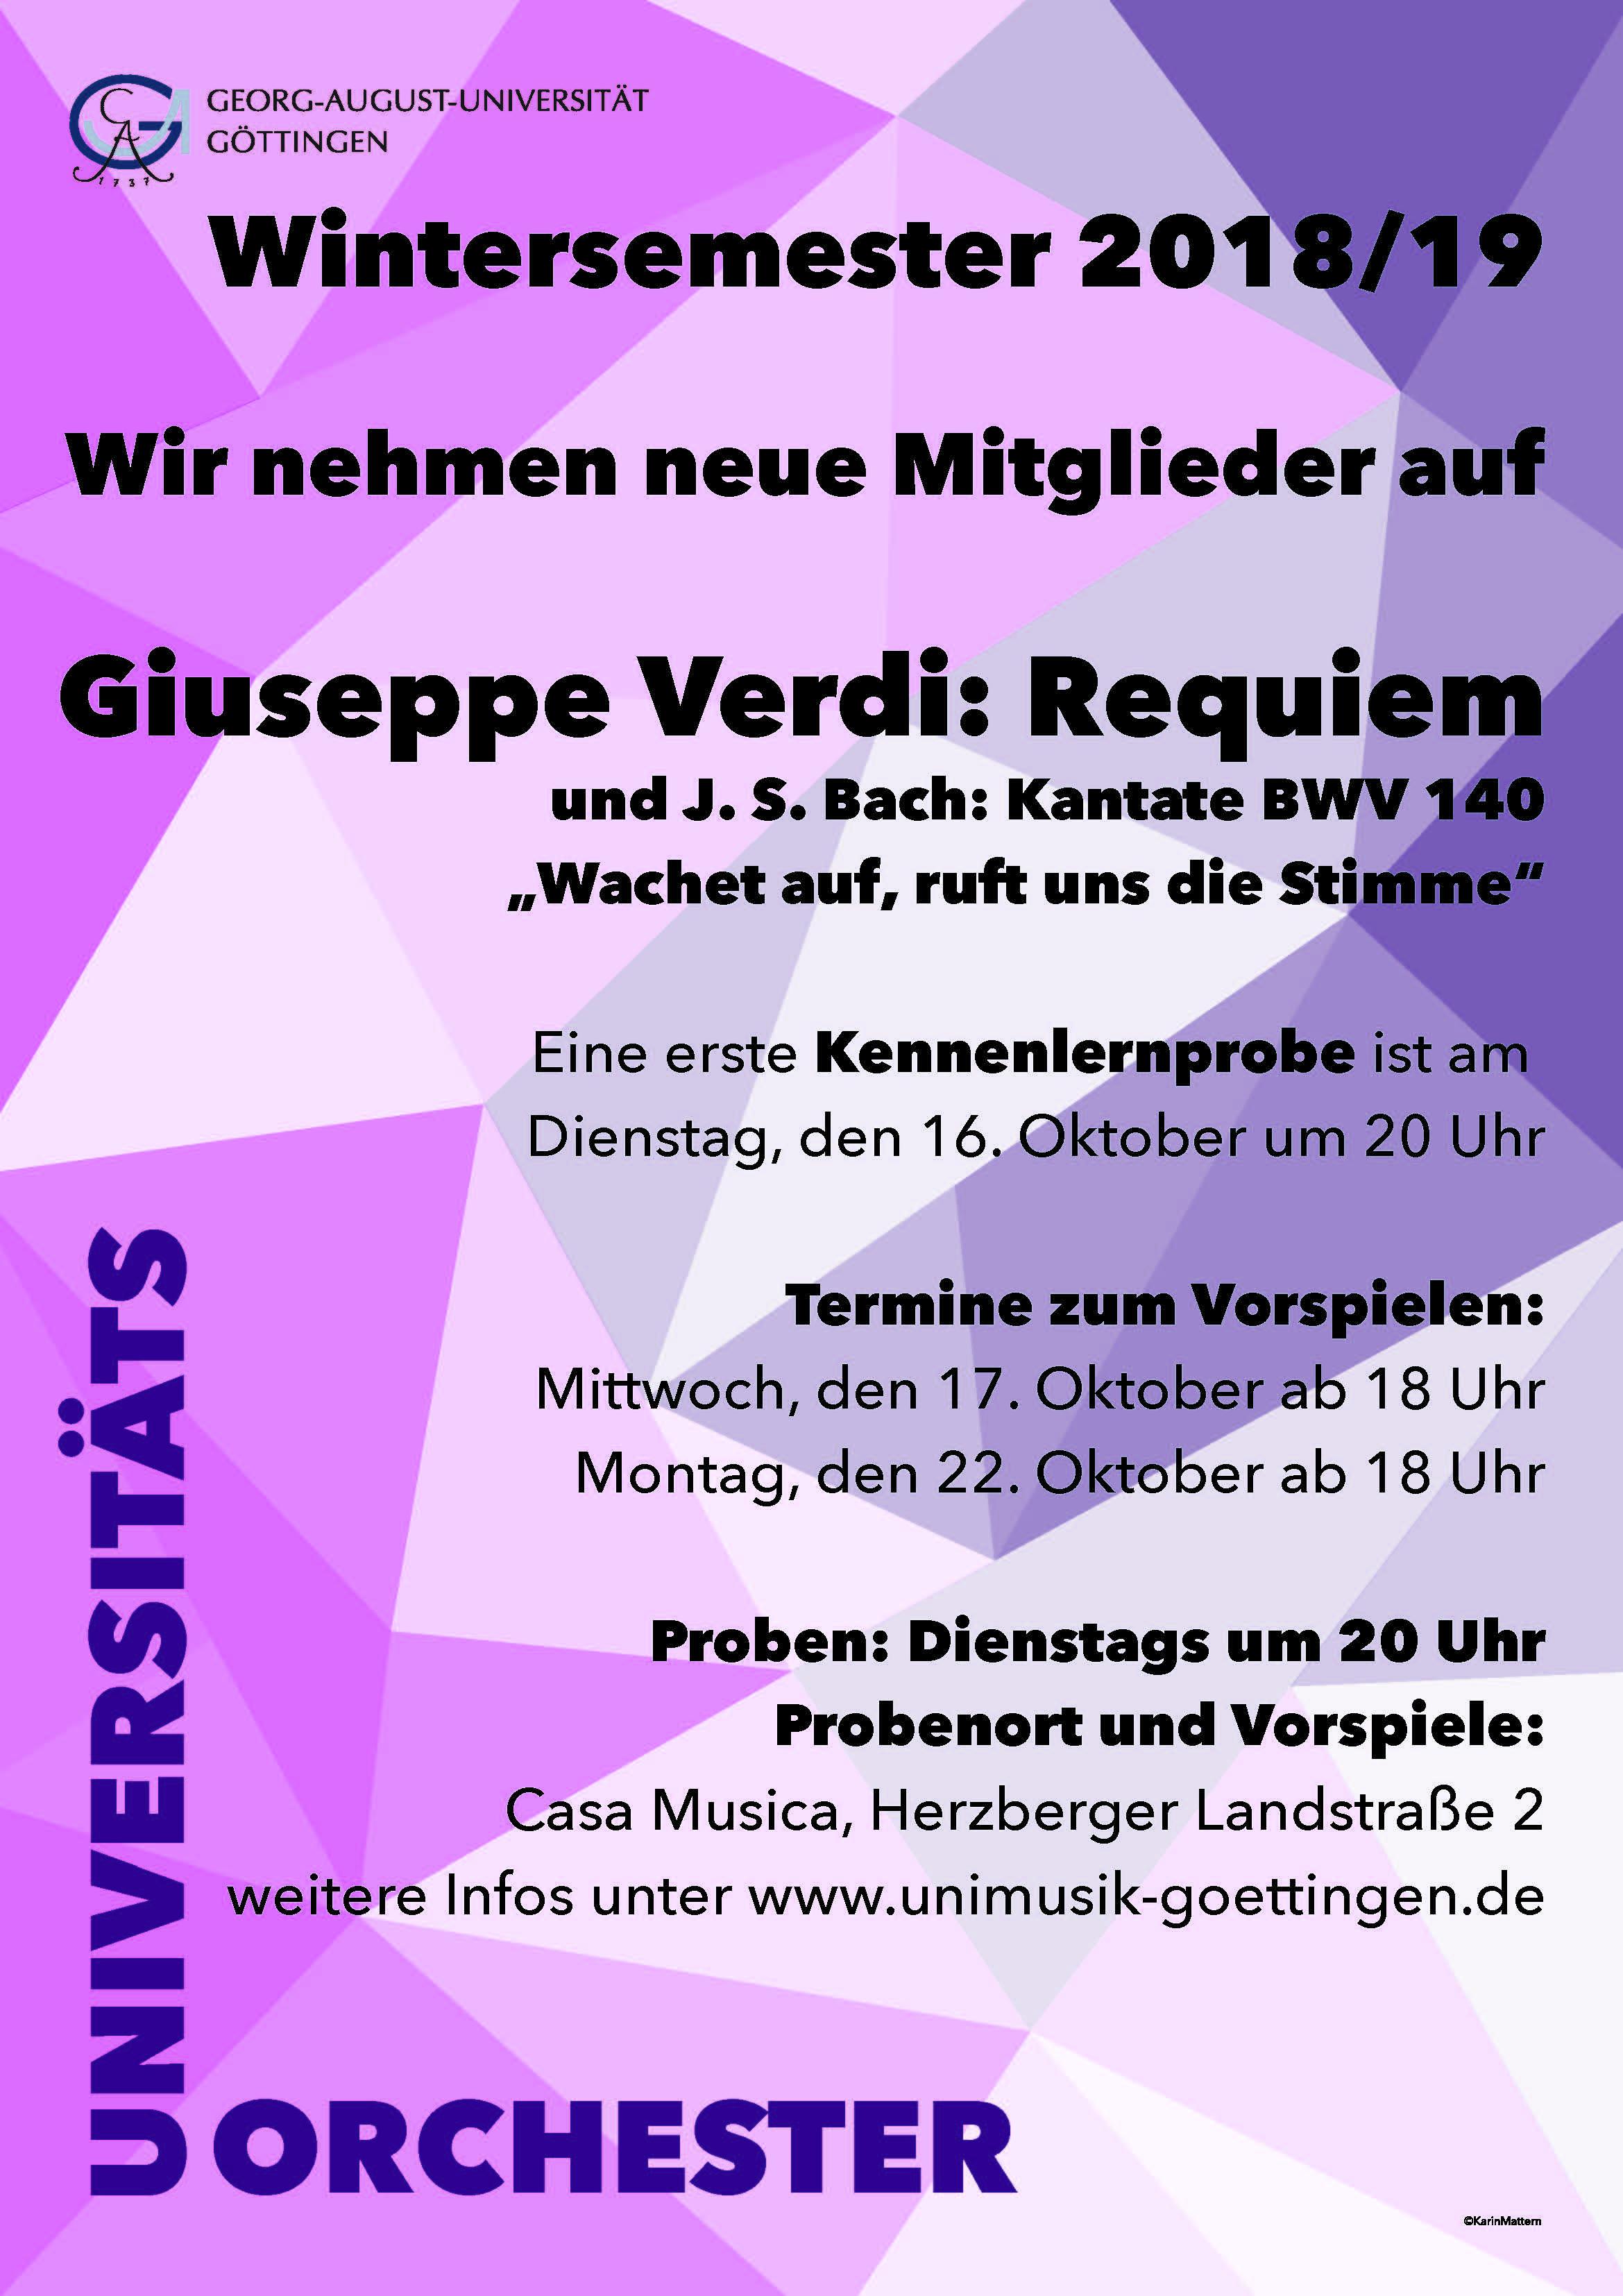 Mitgliederwerbung Orchester WS 2018/19